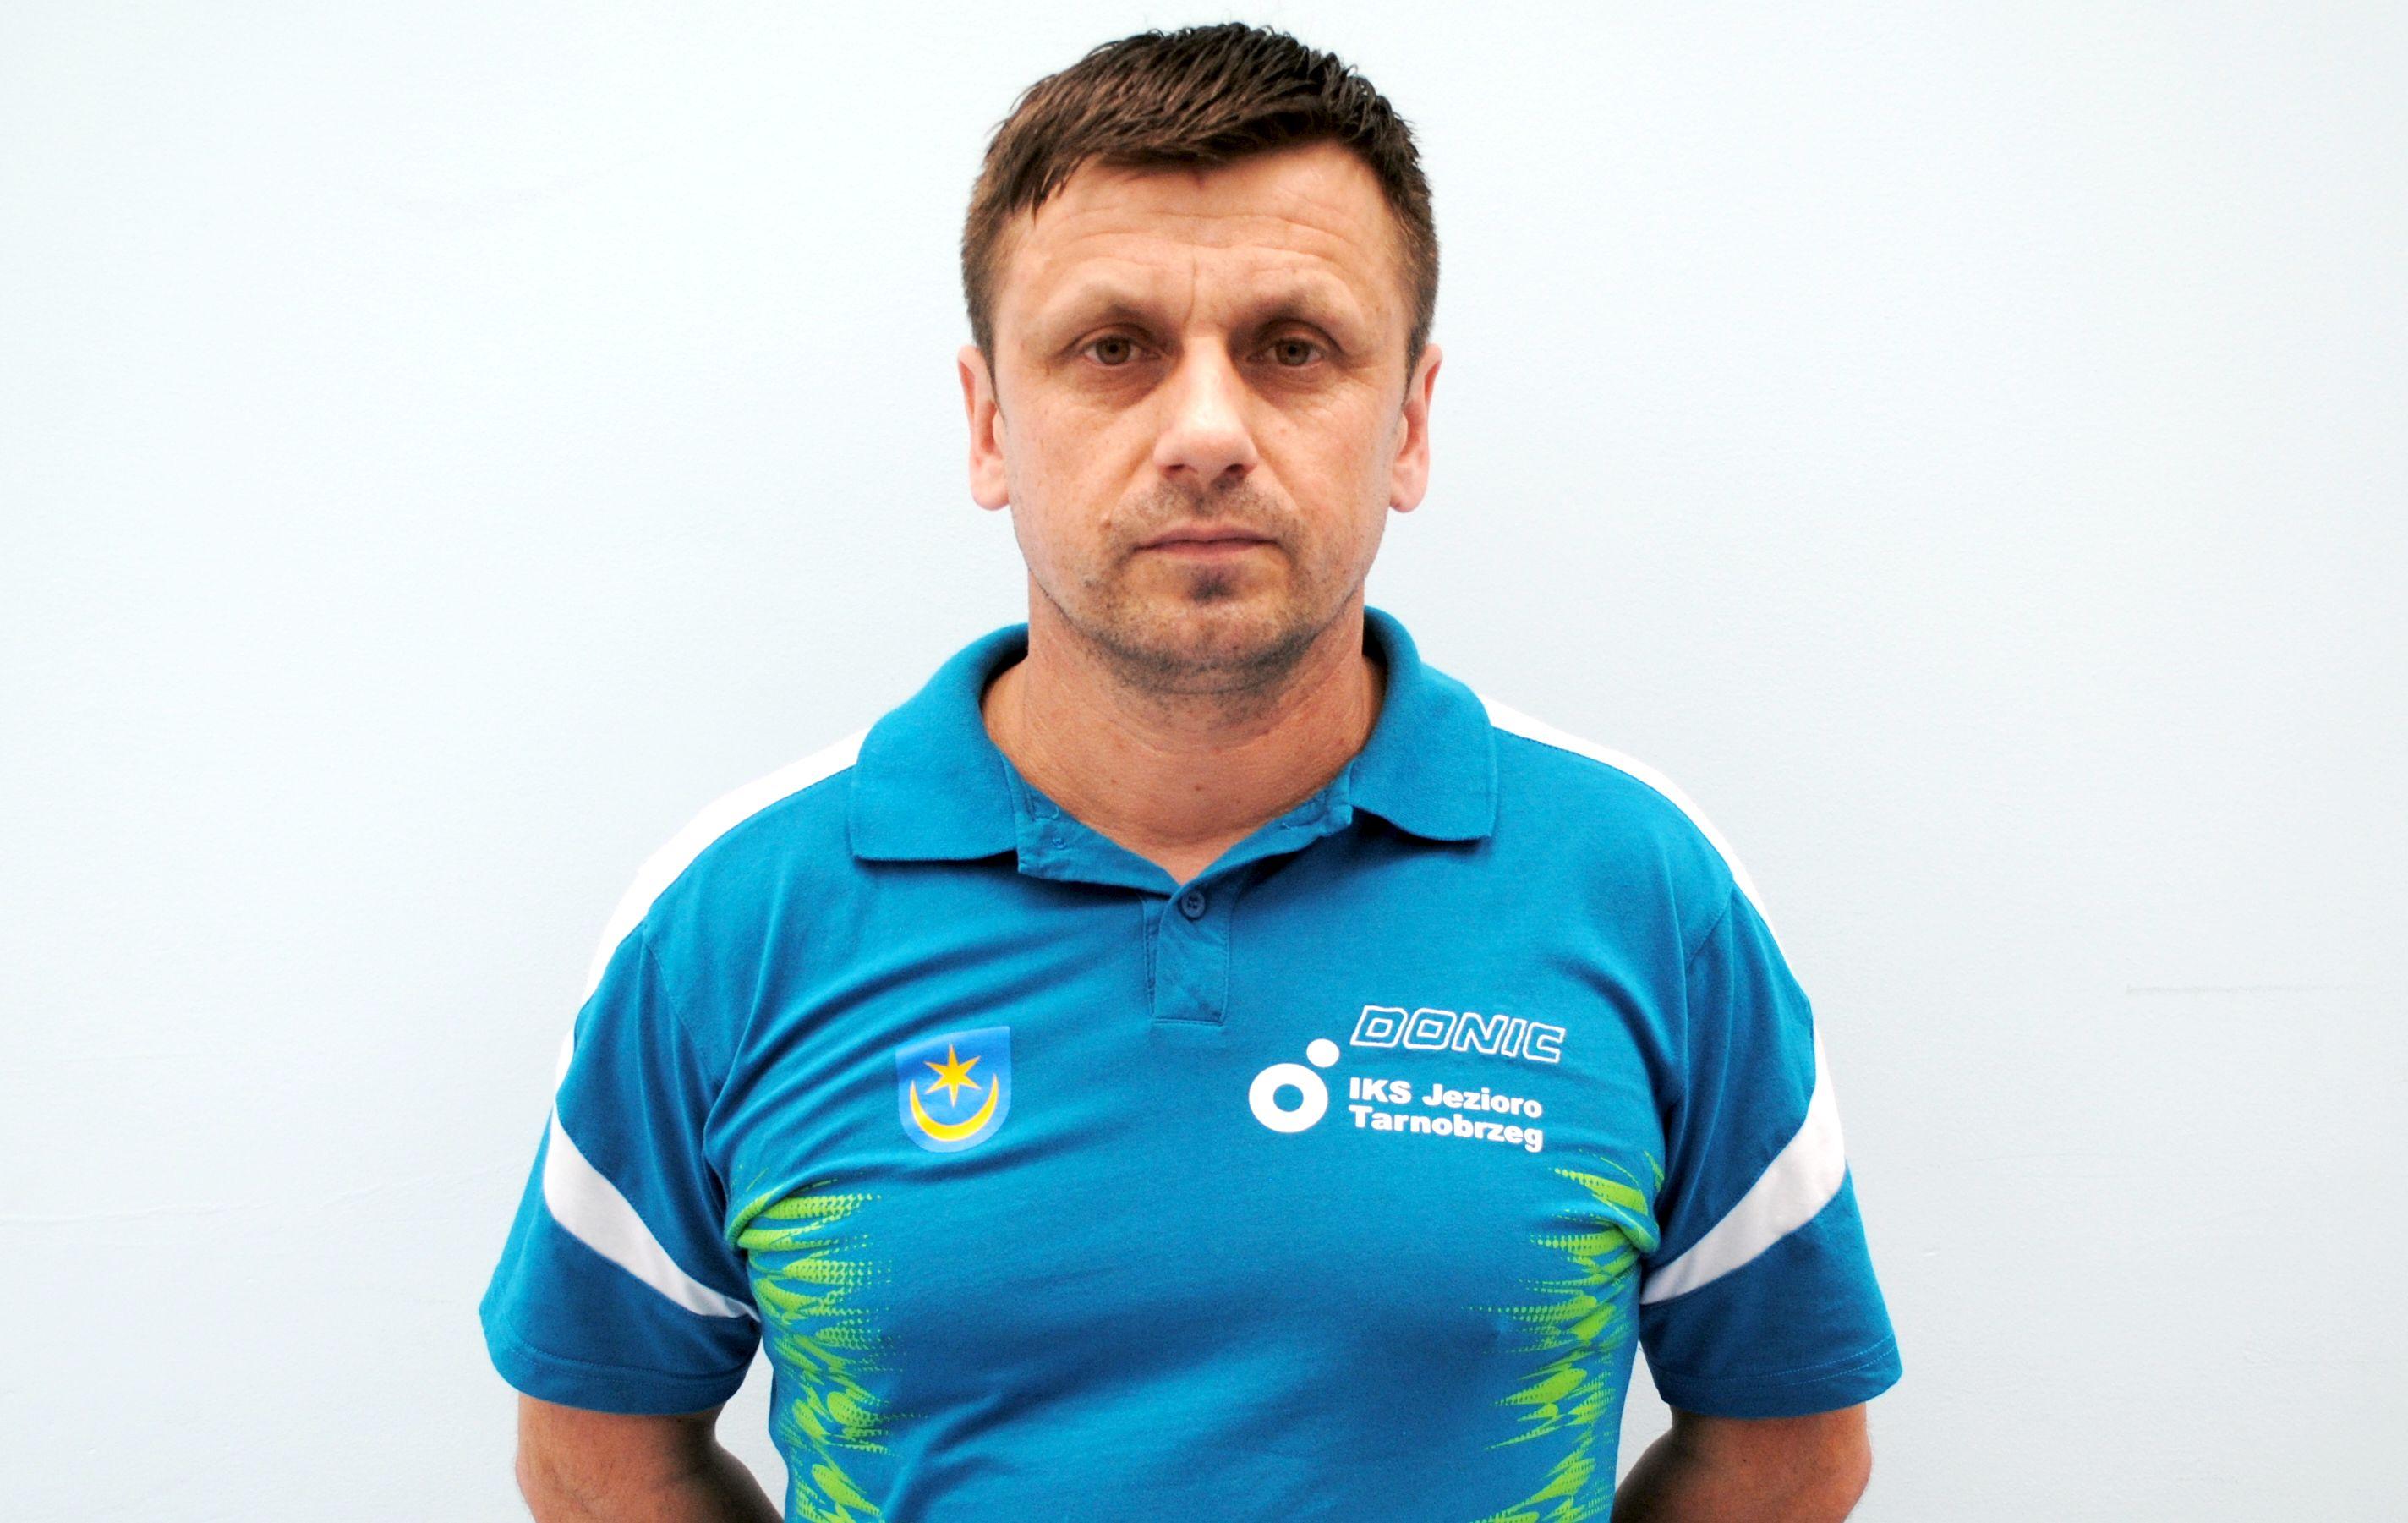 Paweł Demkowicz